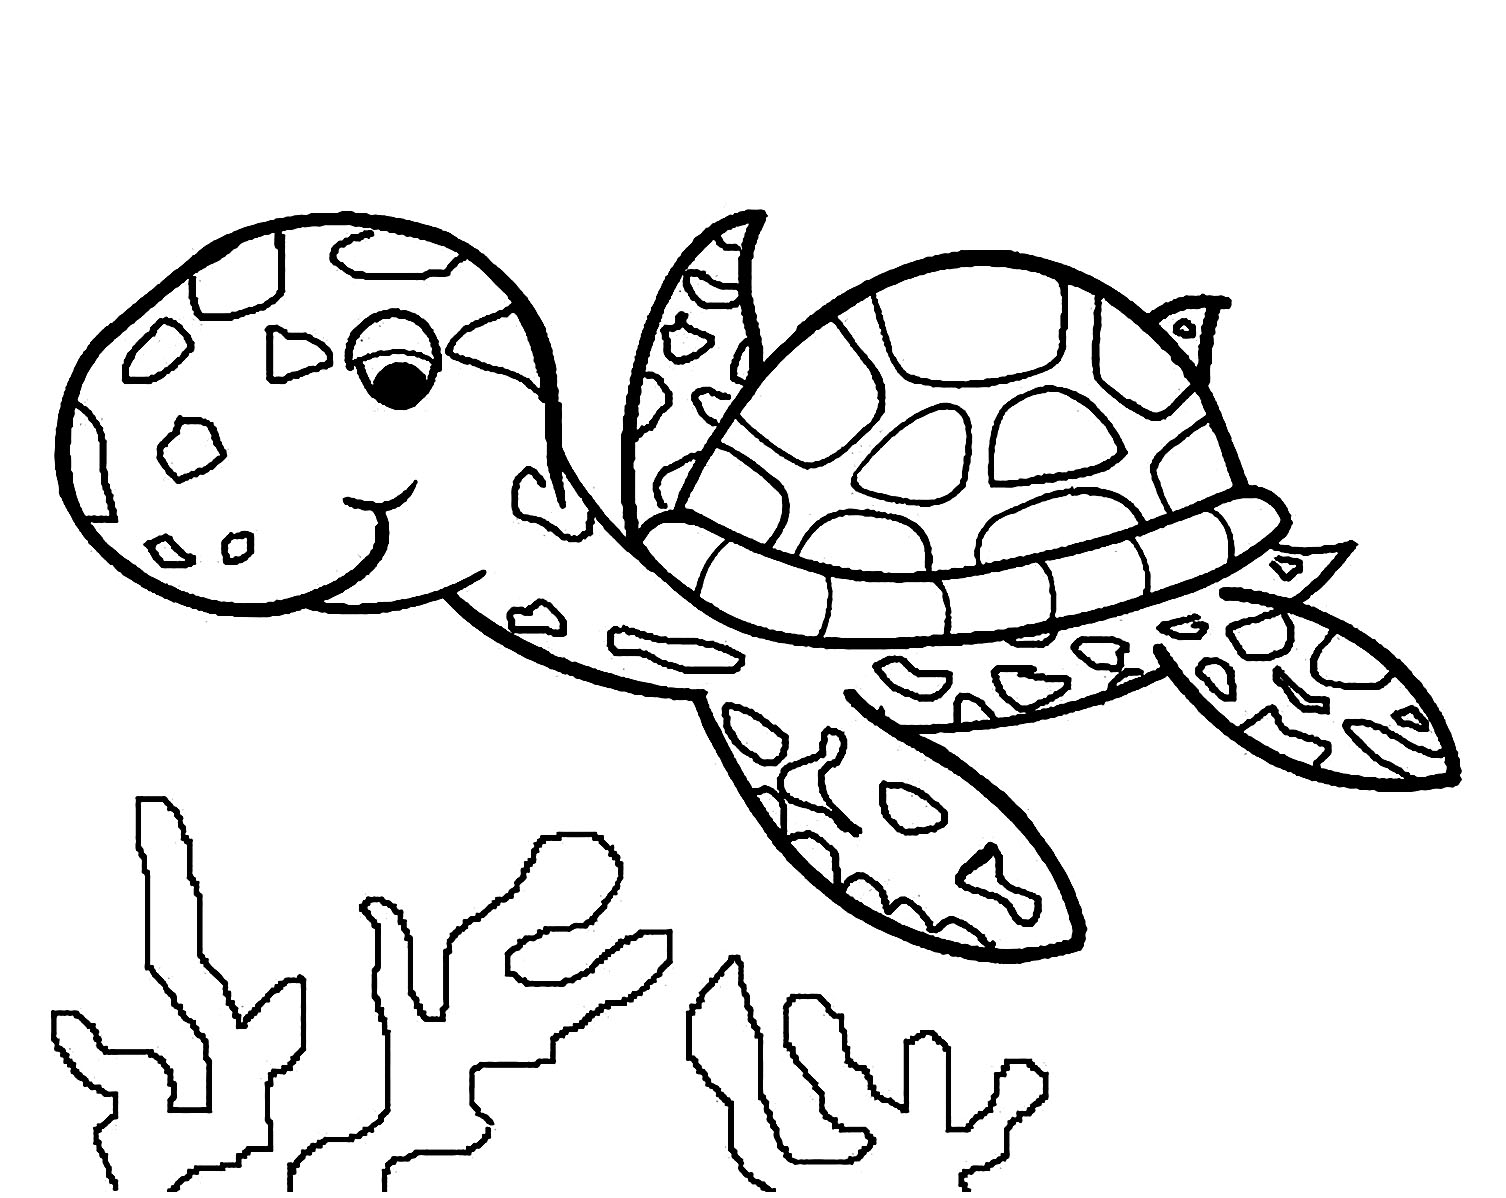 Tranh cho bé tô màu con rùa 1